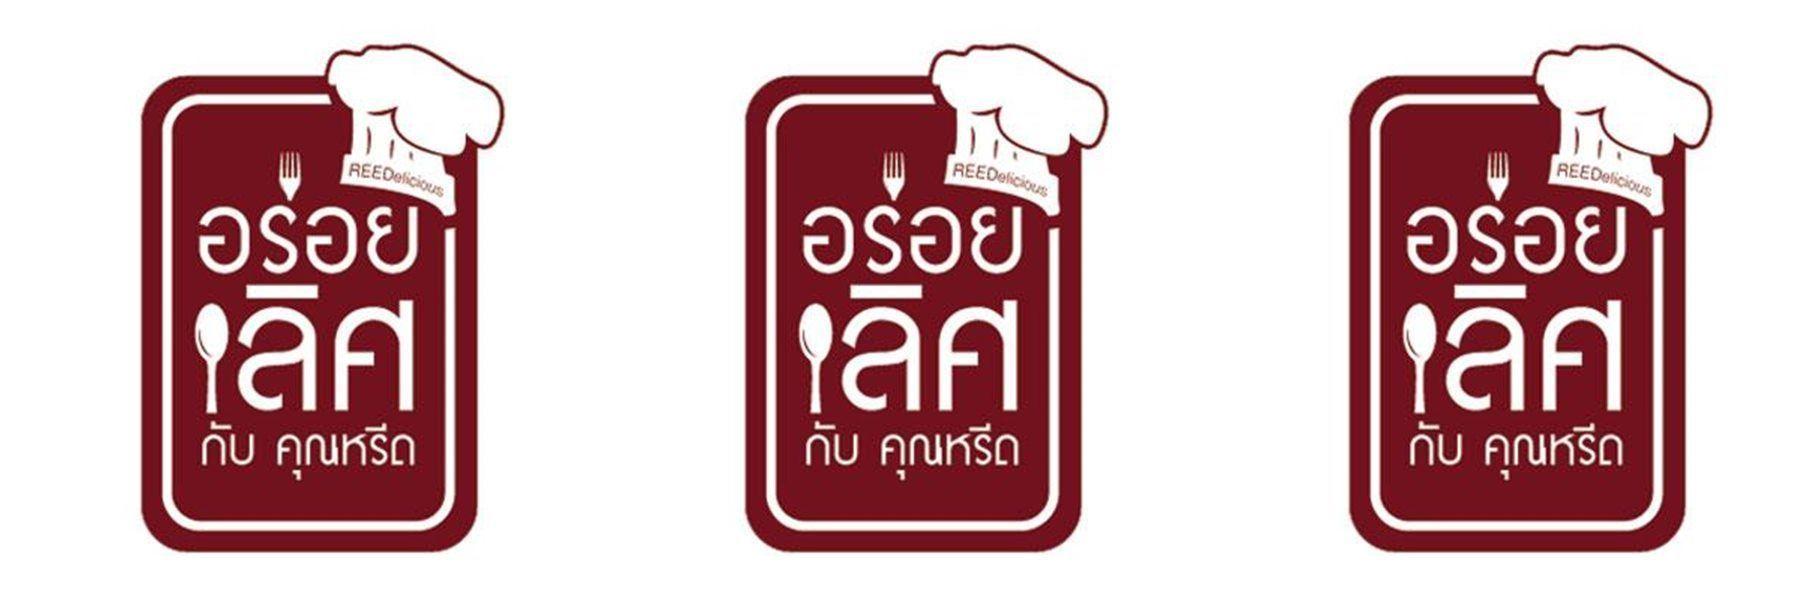 ดูละครย้อนหลัง เนื้อปูผัดพริกเหลือง ห้องอาหาร แพรว | อร่อยเลิศกับคุณหรีด | 24 มิ.ย. 62